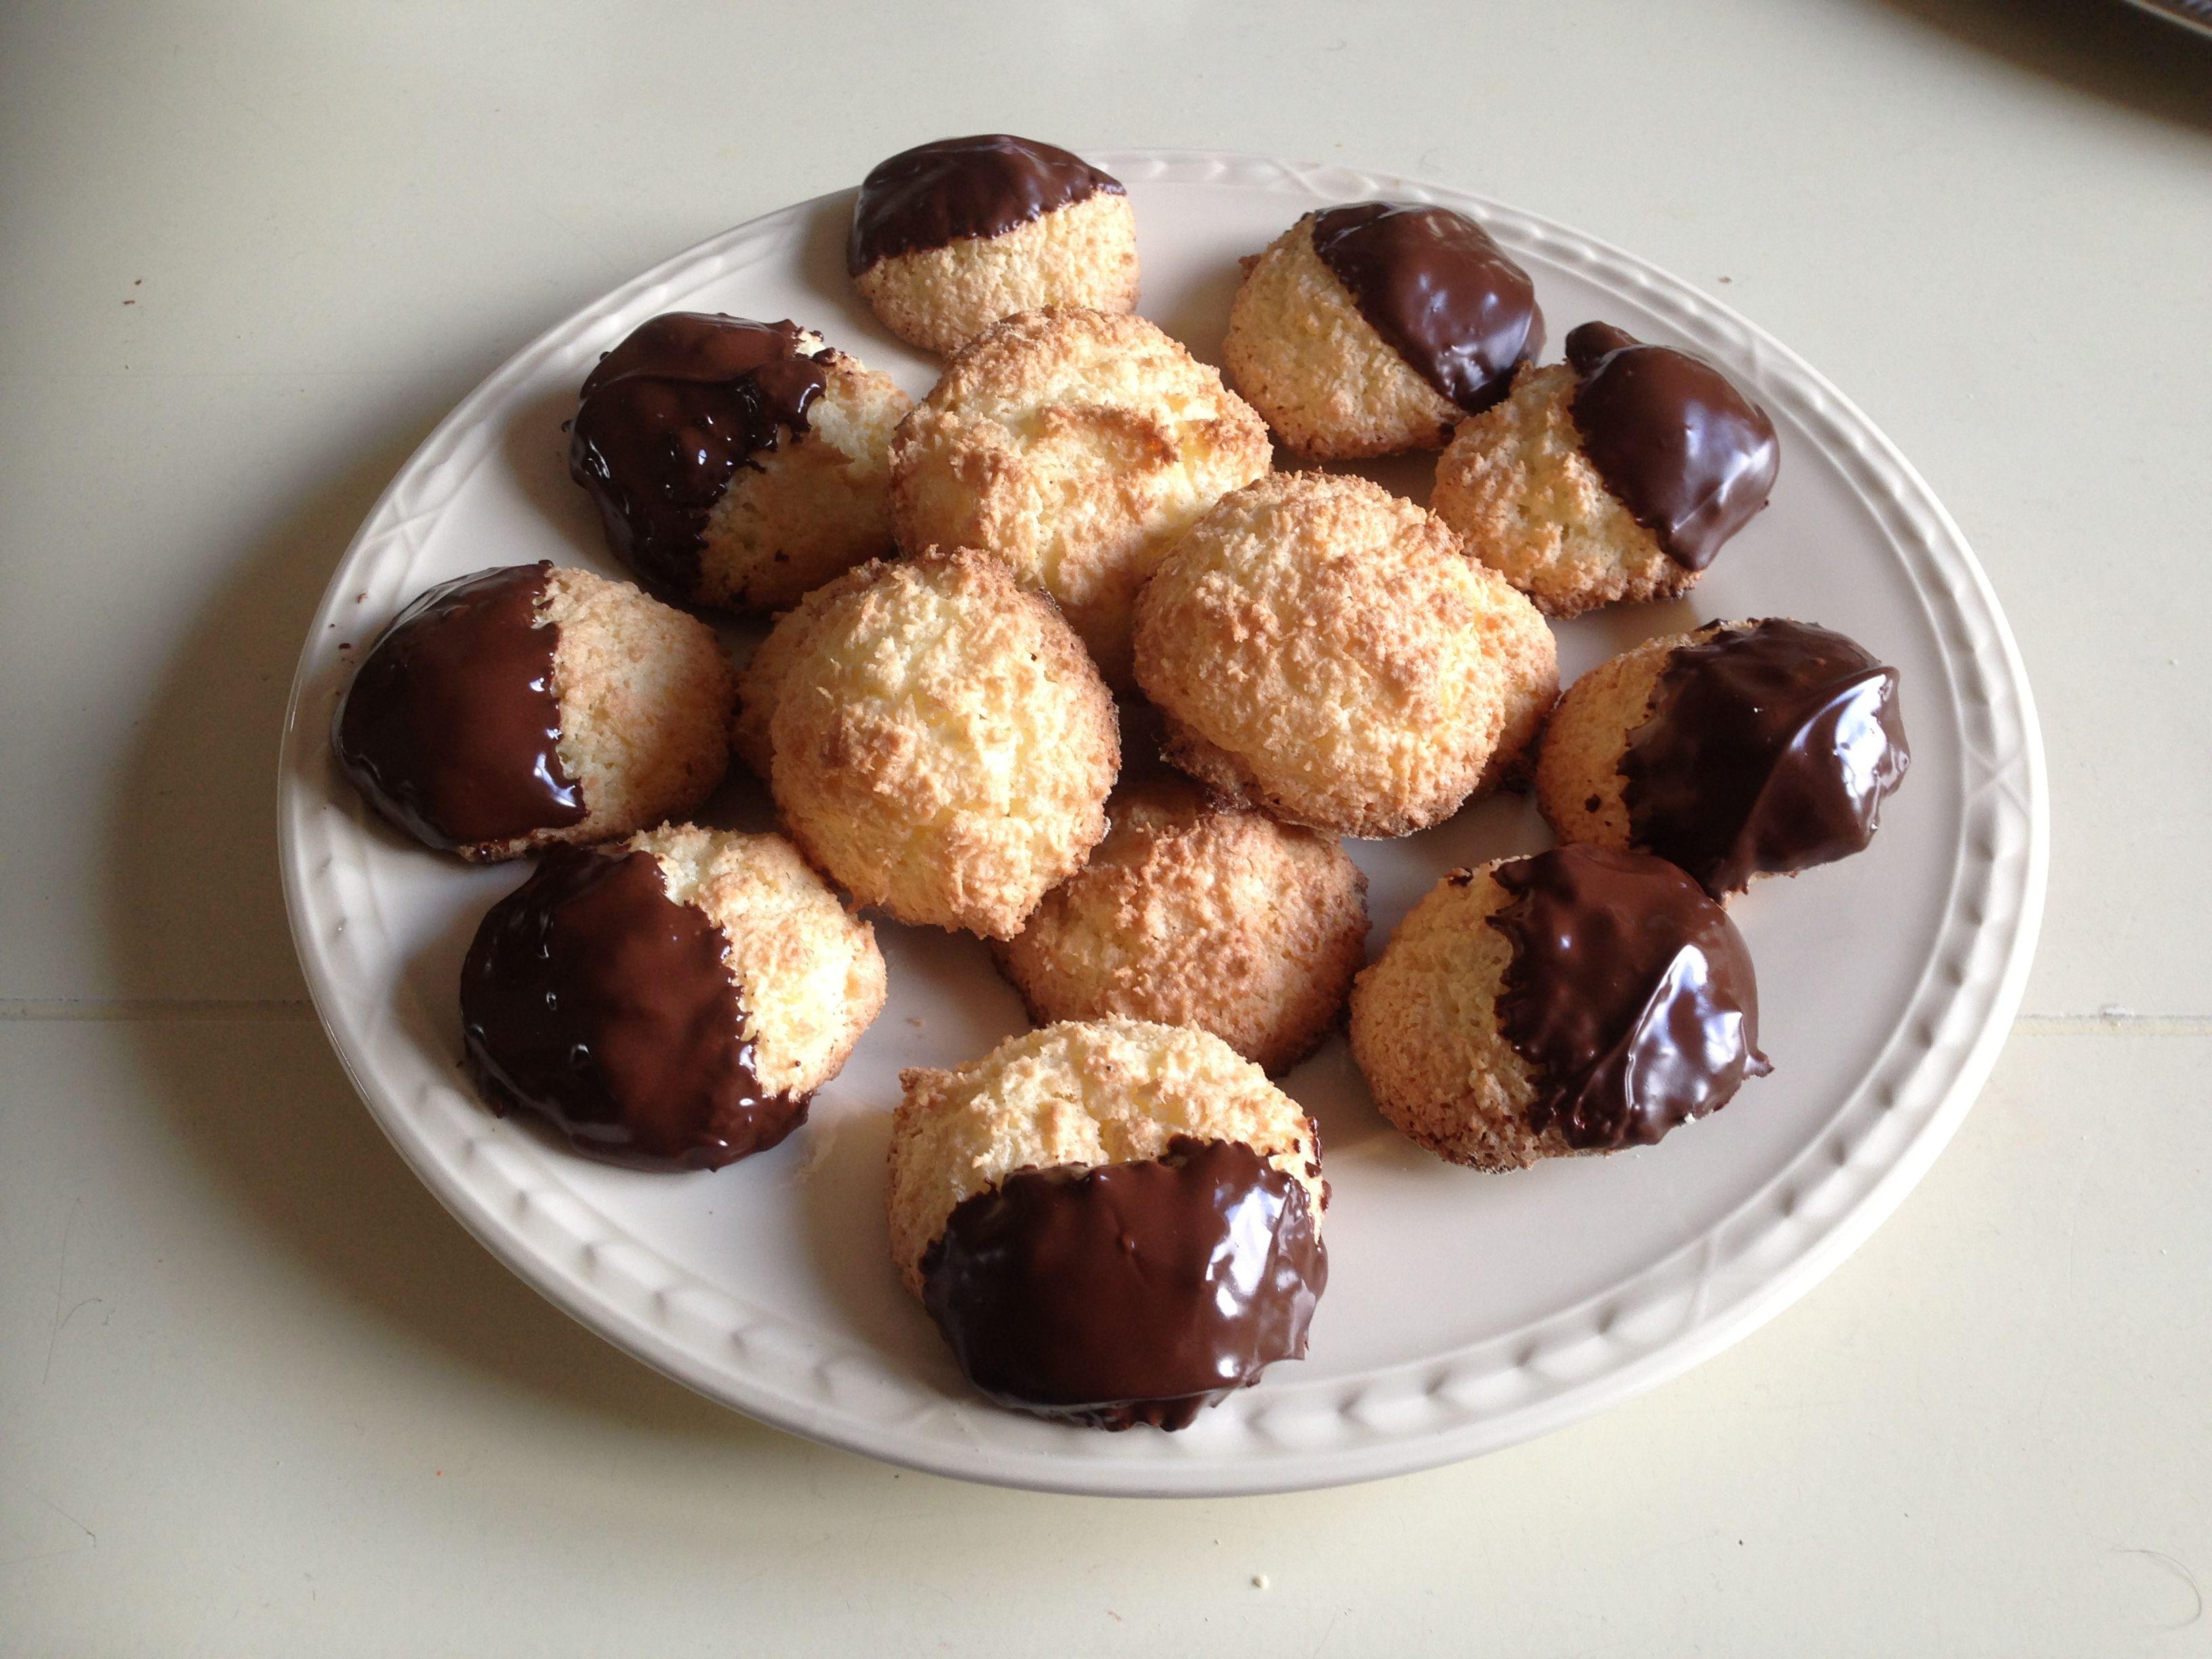 Kokoskoekjes, gemaakt 1-3-2014 100 gr kokos, 150 gr suiker, 2 kleine eieren en zakje vanille suiker. Eierdooiers met helft van suiker los kloppen, eiwitten met rest van suiker mixen, dan alles voorzichtig door elkaar roeren. 12 min op 180 gr in de oven. Evt in gesmolten pure chocola dopen